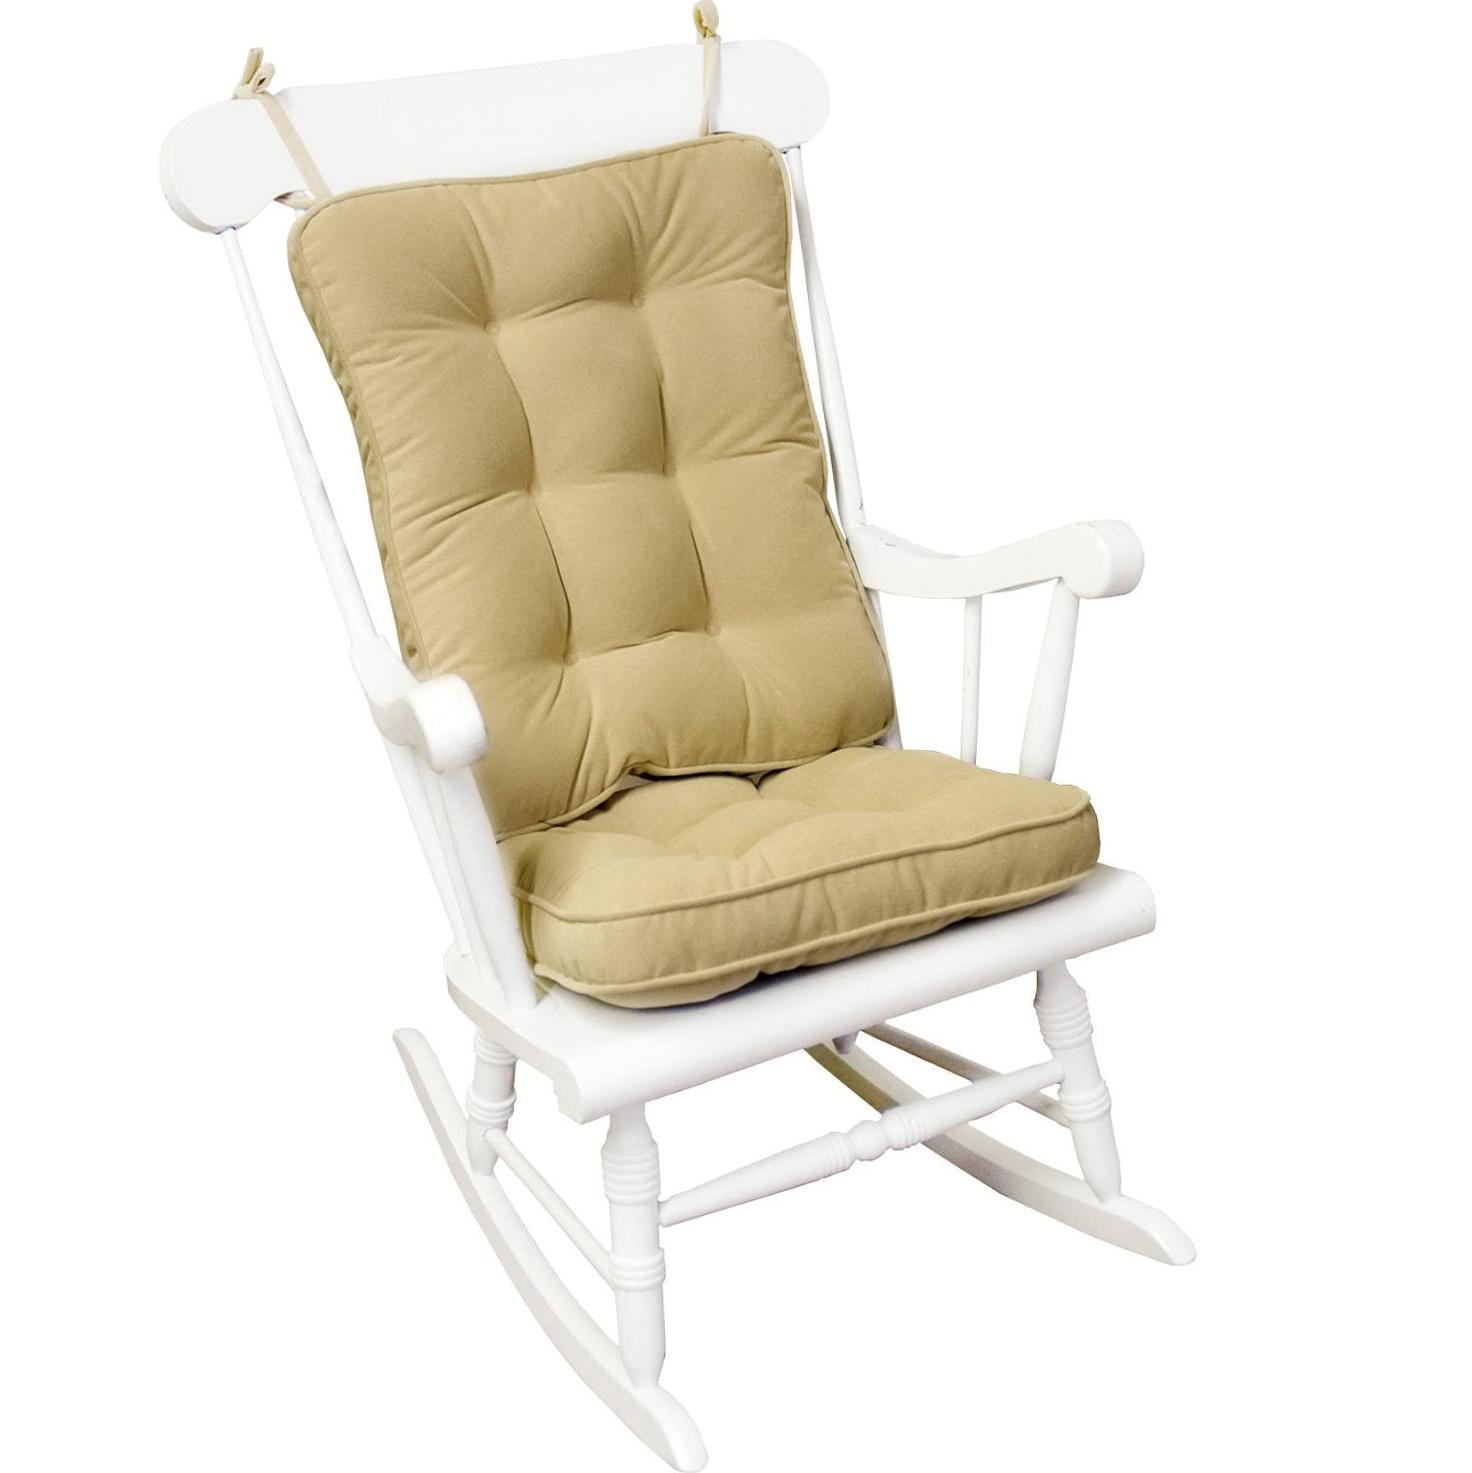 Rocking Chair Cushion Set Canada Home Design Ideas